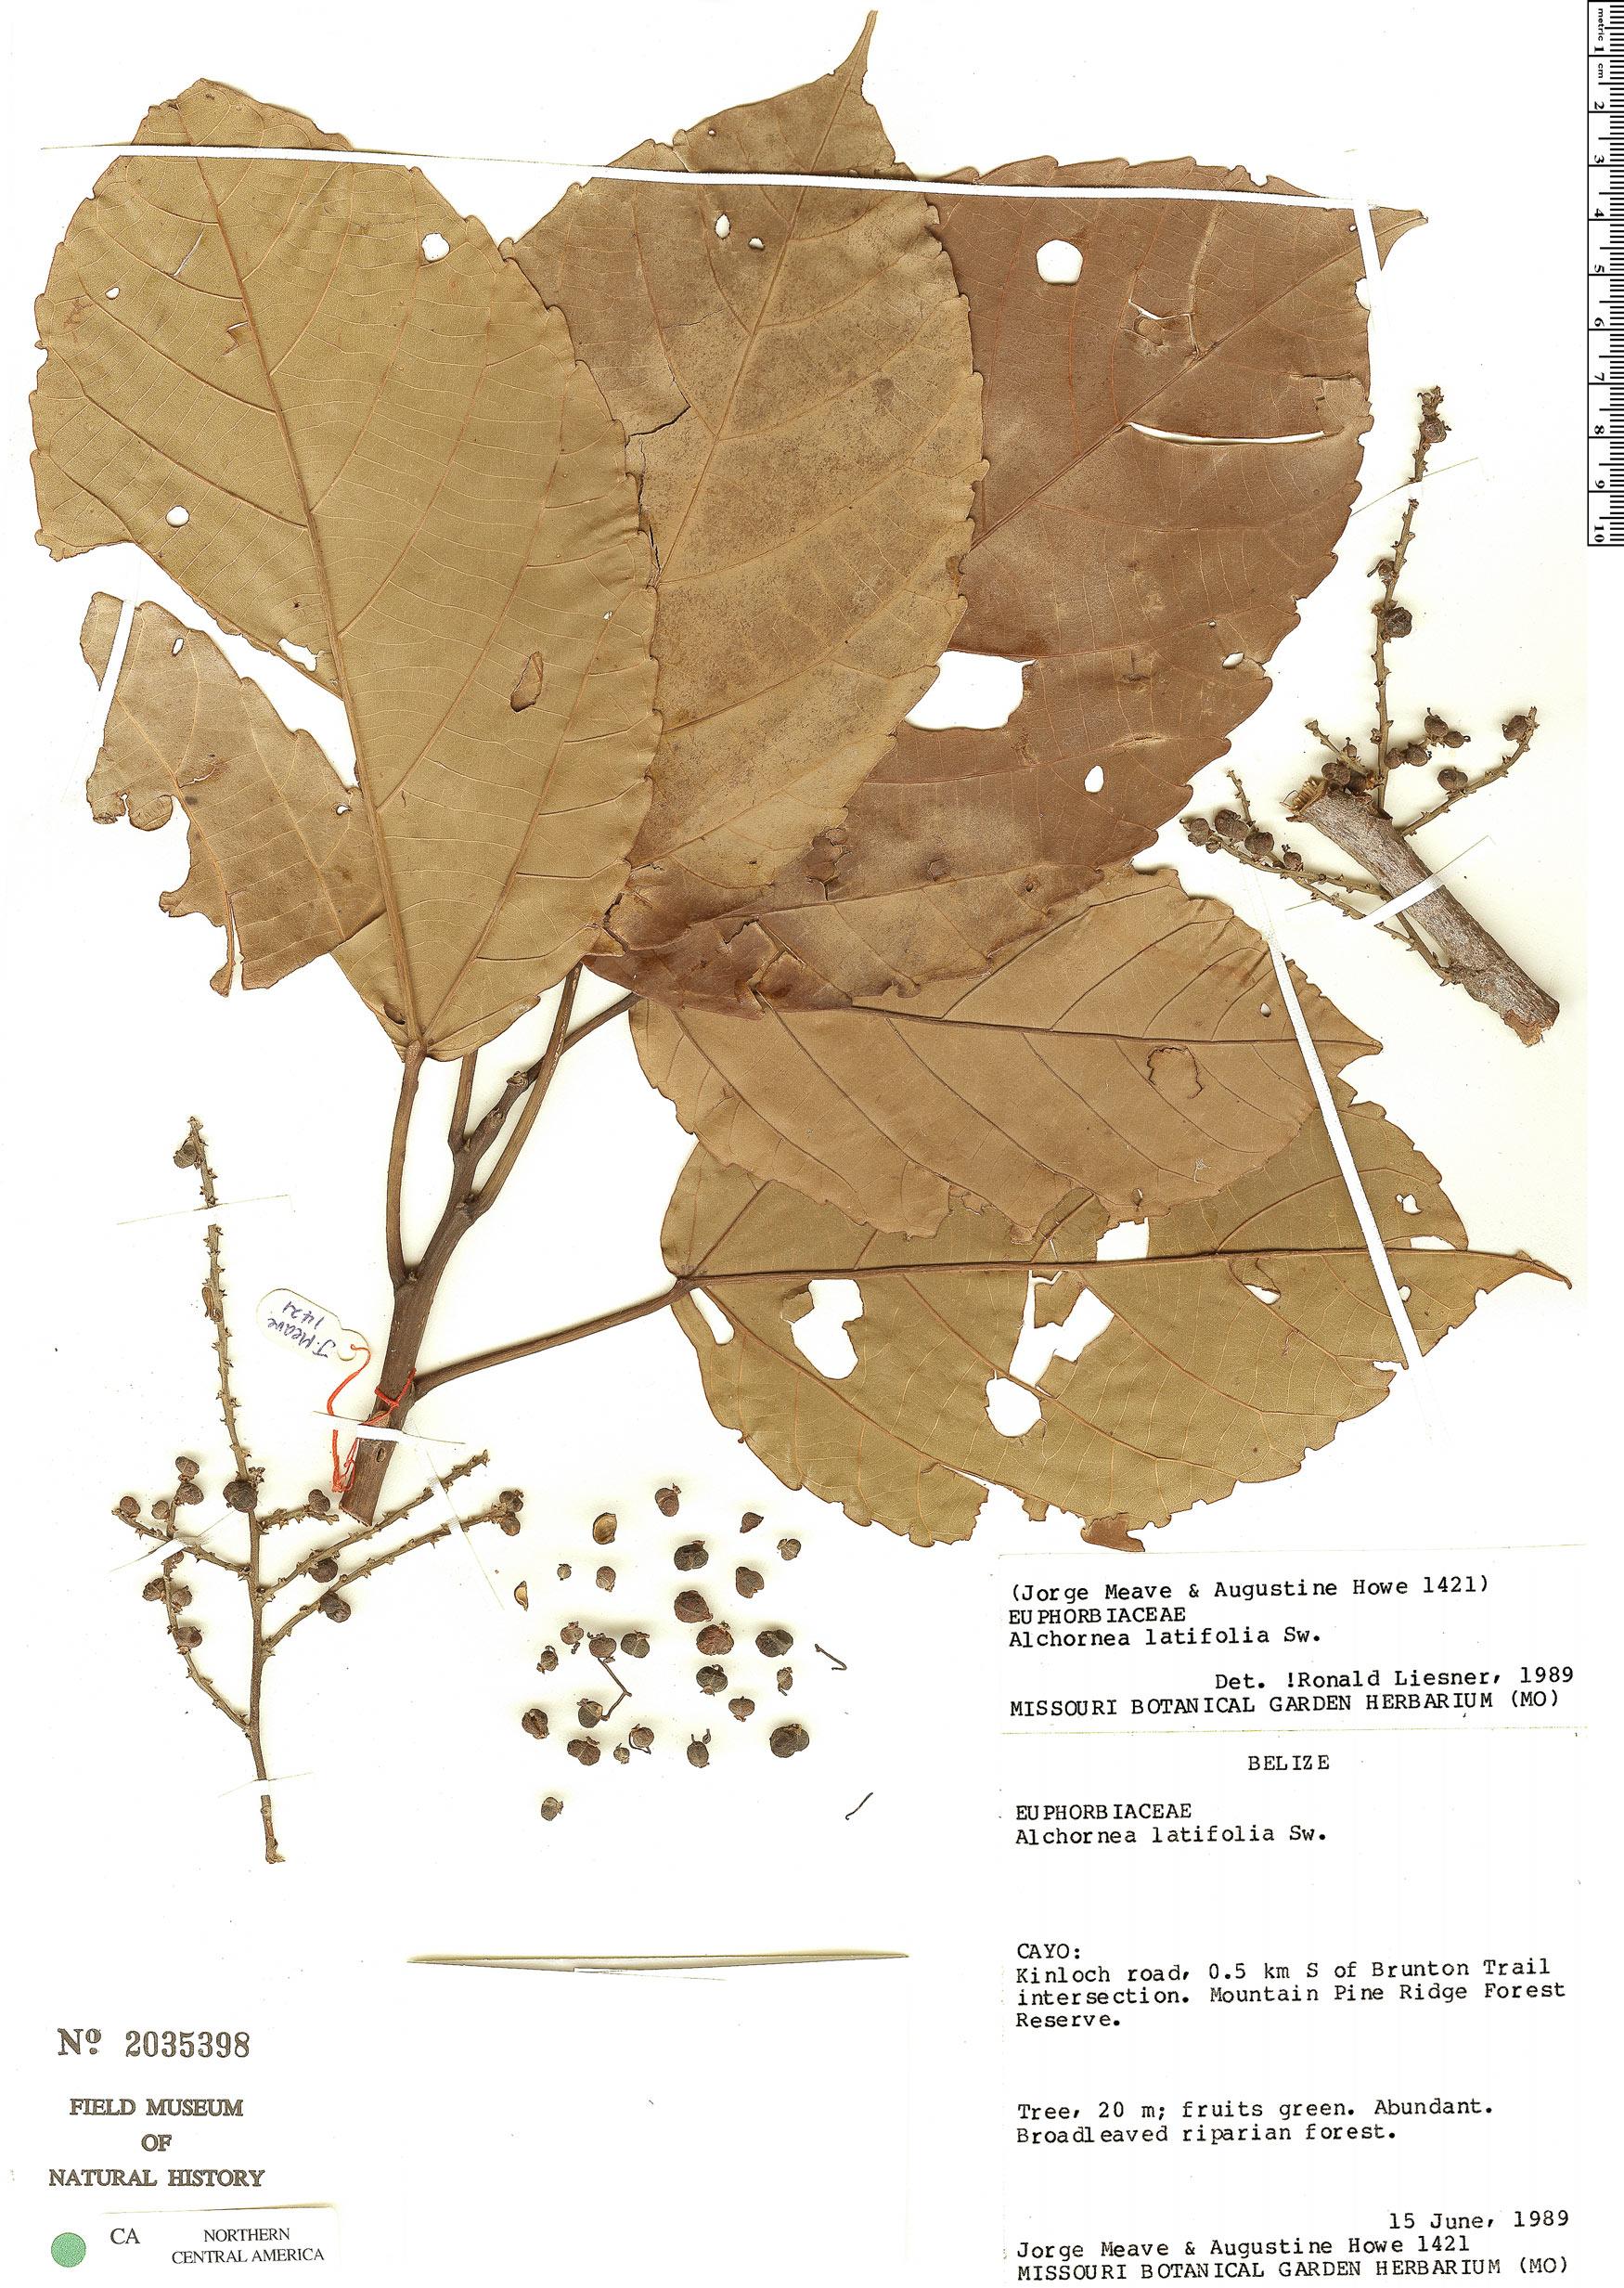 Specimen: Alchornea latifolia